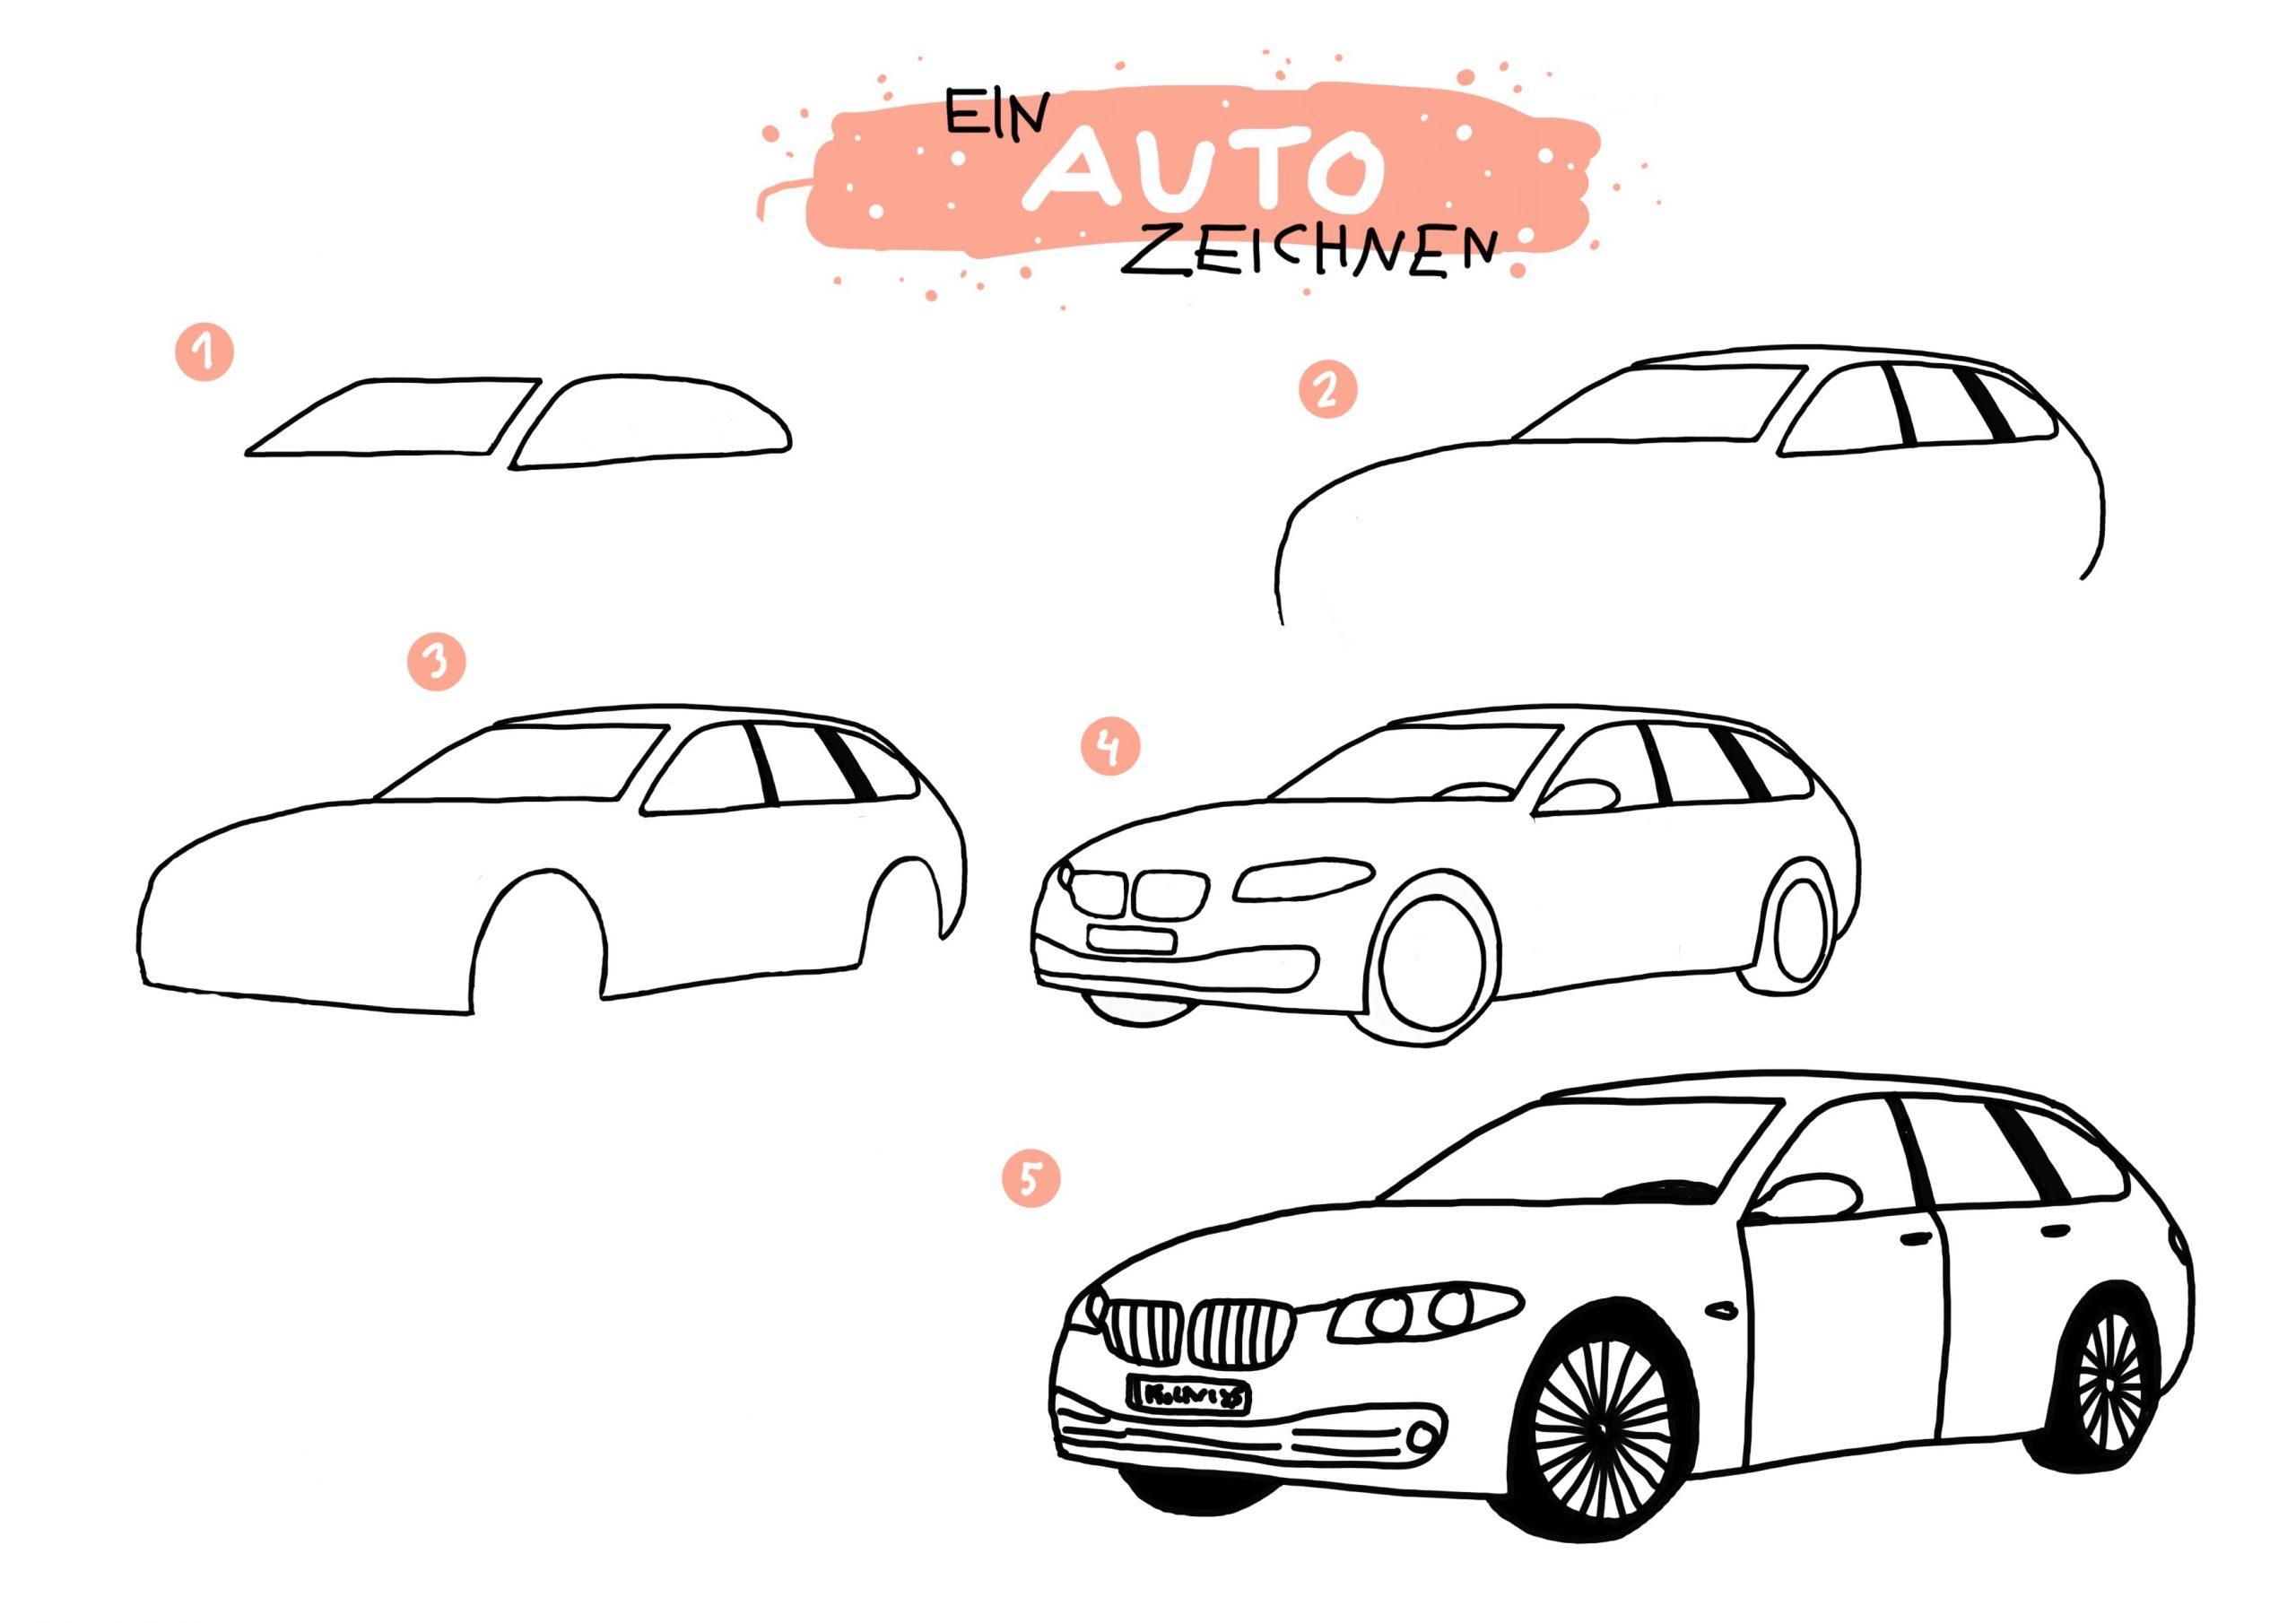 Ein Auto Zeichnen   Fahrzeughits Der Kids - Creatipster über Auto Malen Einfach